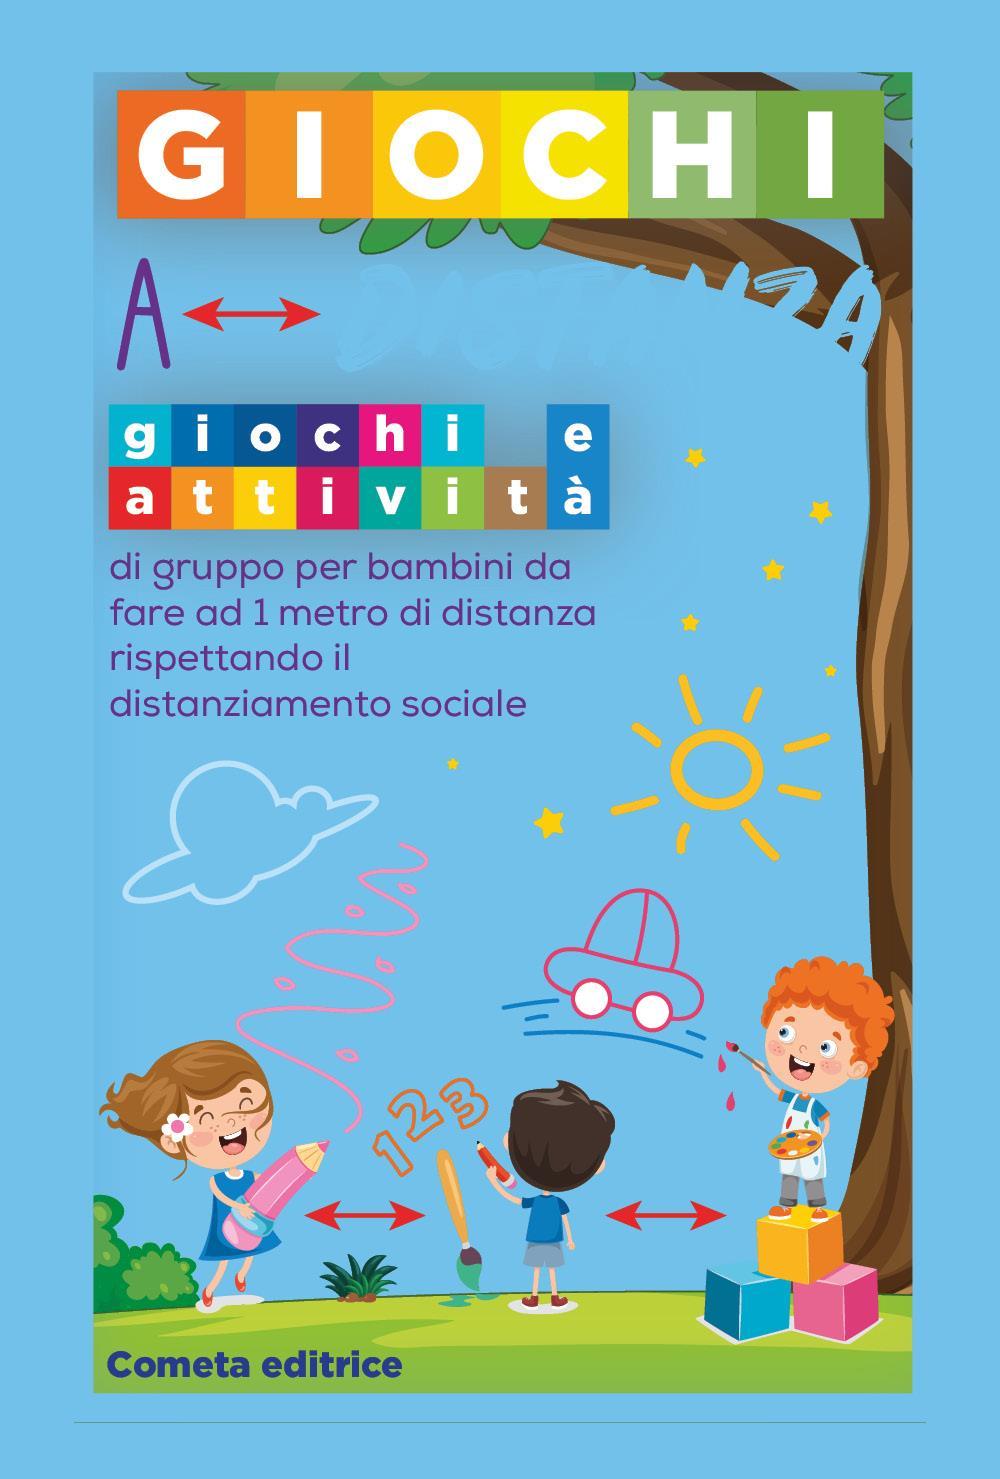 Giochi a Distanza: Giochi e attività di gruppo per bambini da fare a 1 metro di distanza rispettando il distanziamento sociale